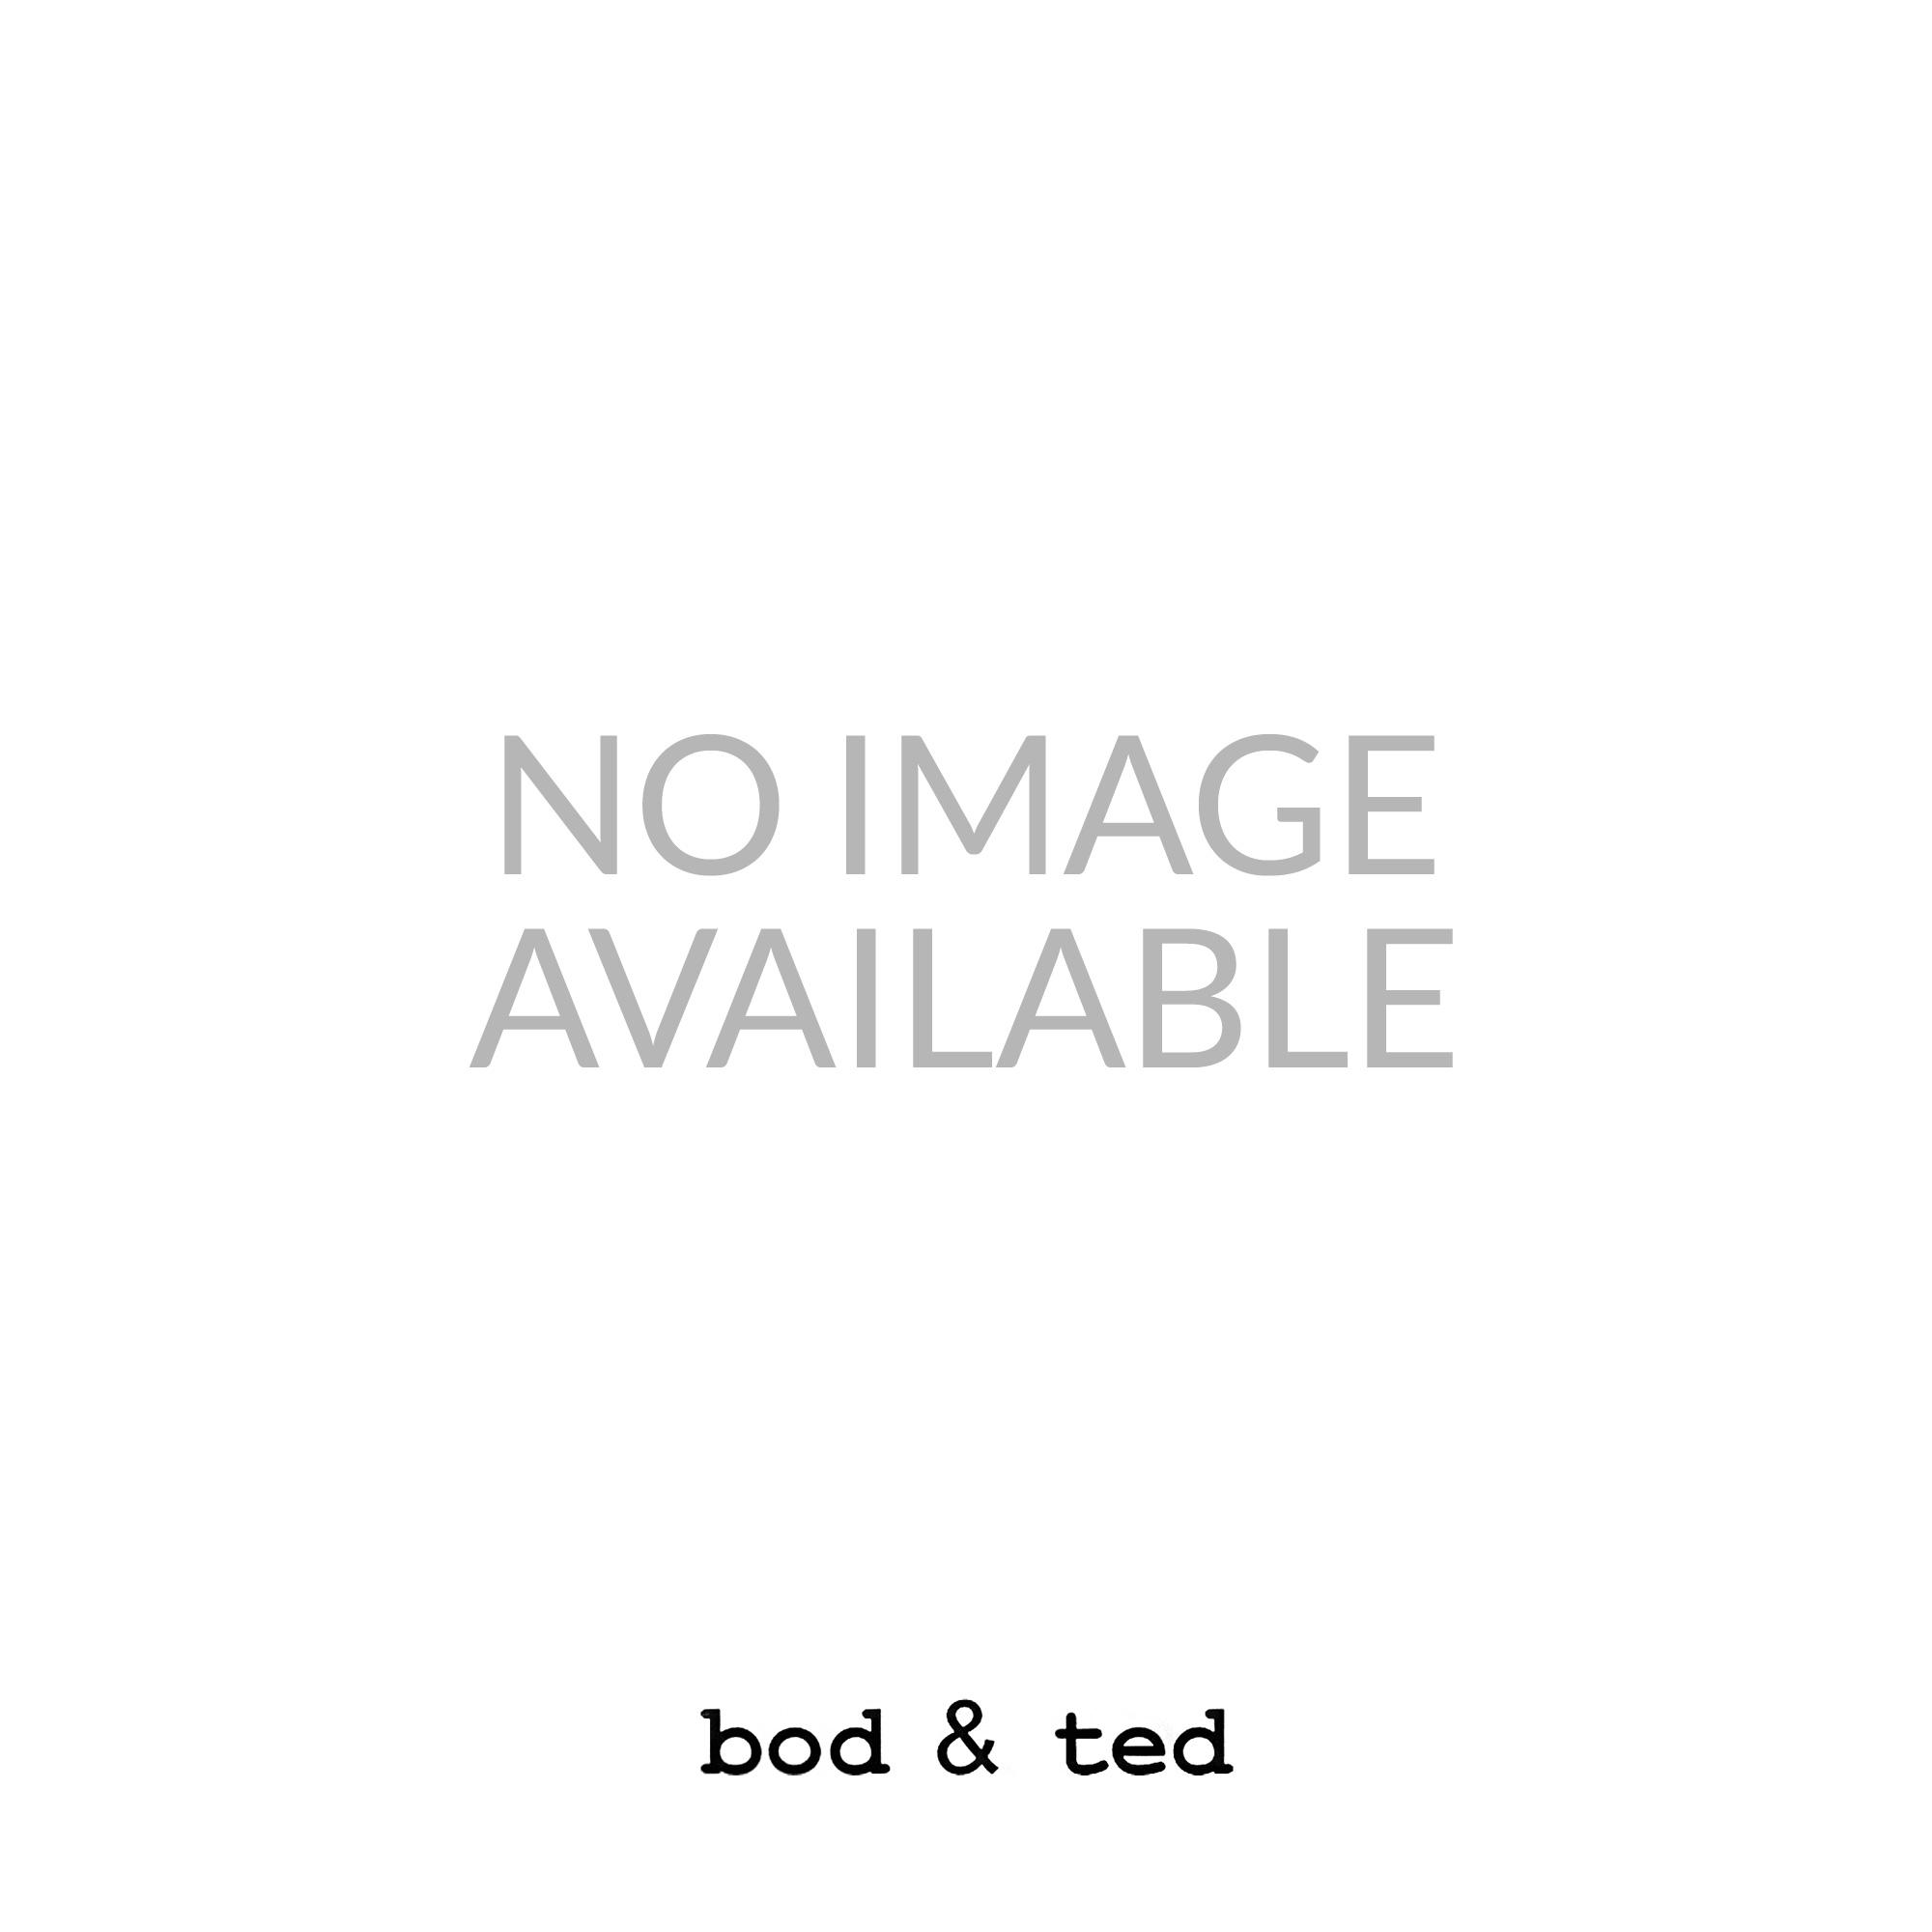 Skandinavisk Sno (Snow) Candle